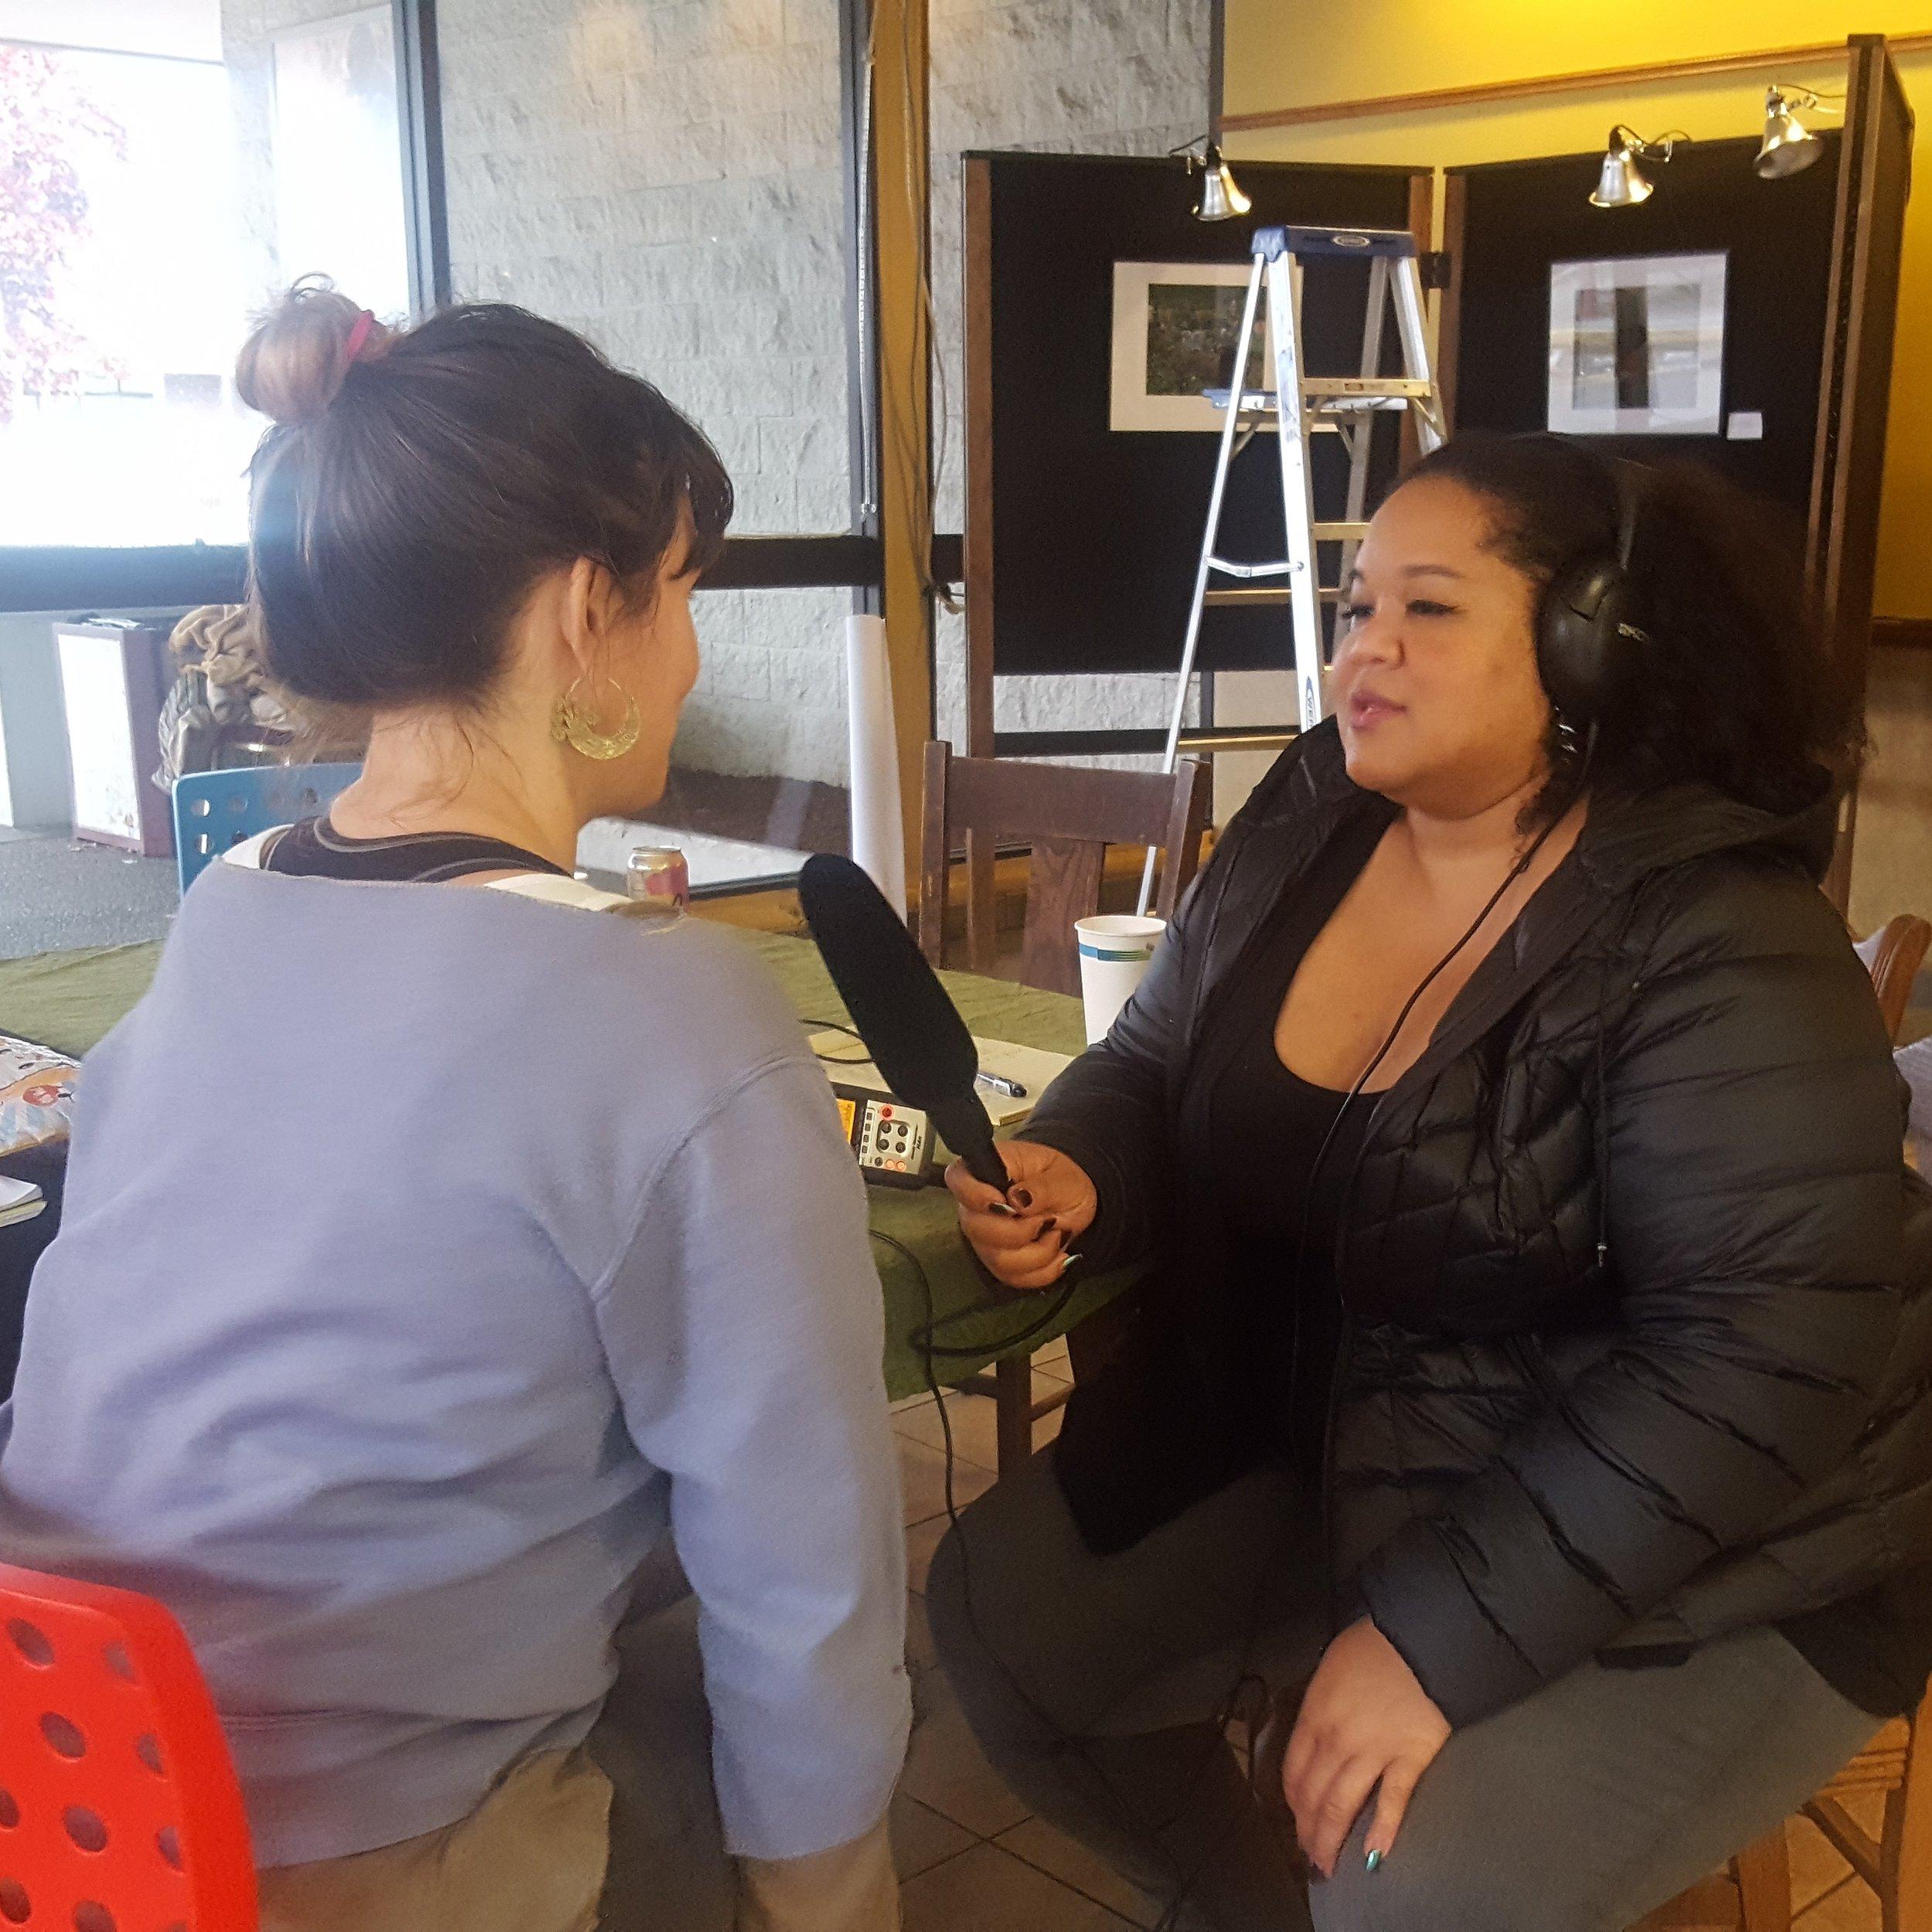 Lulu Carpenter interviews Rachel Kessler in an interviewing workshop at Shelf Life.